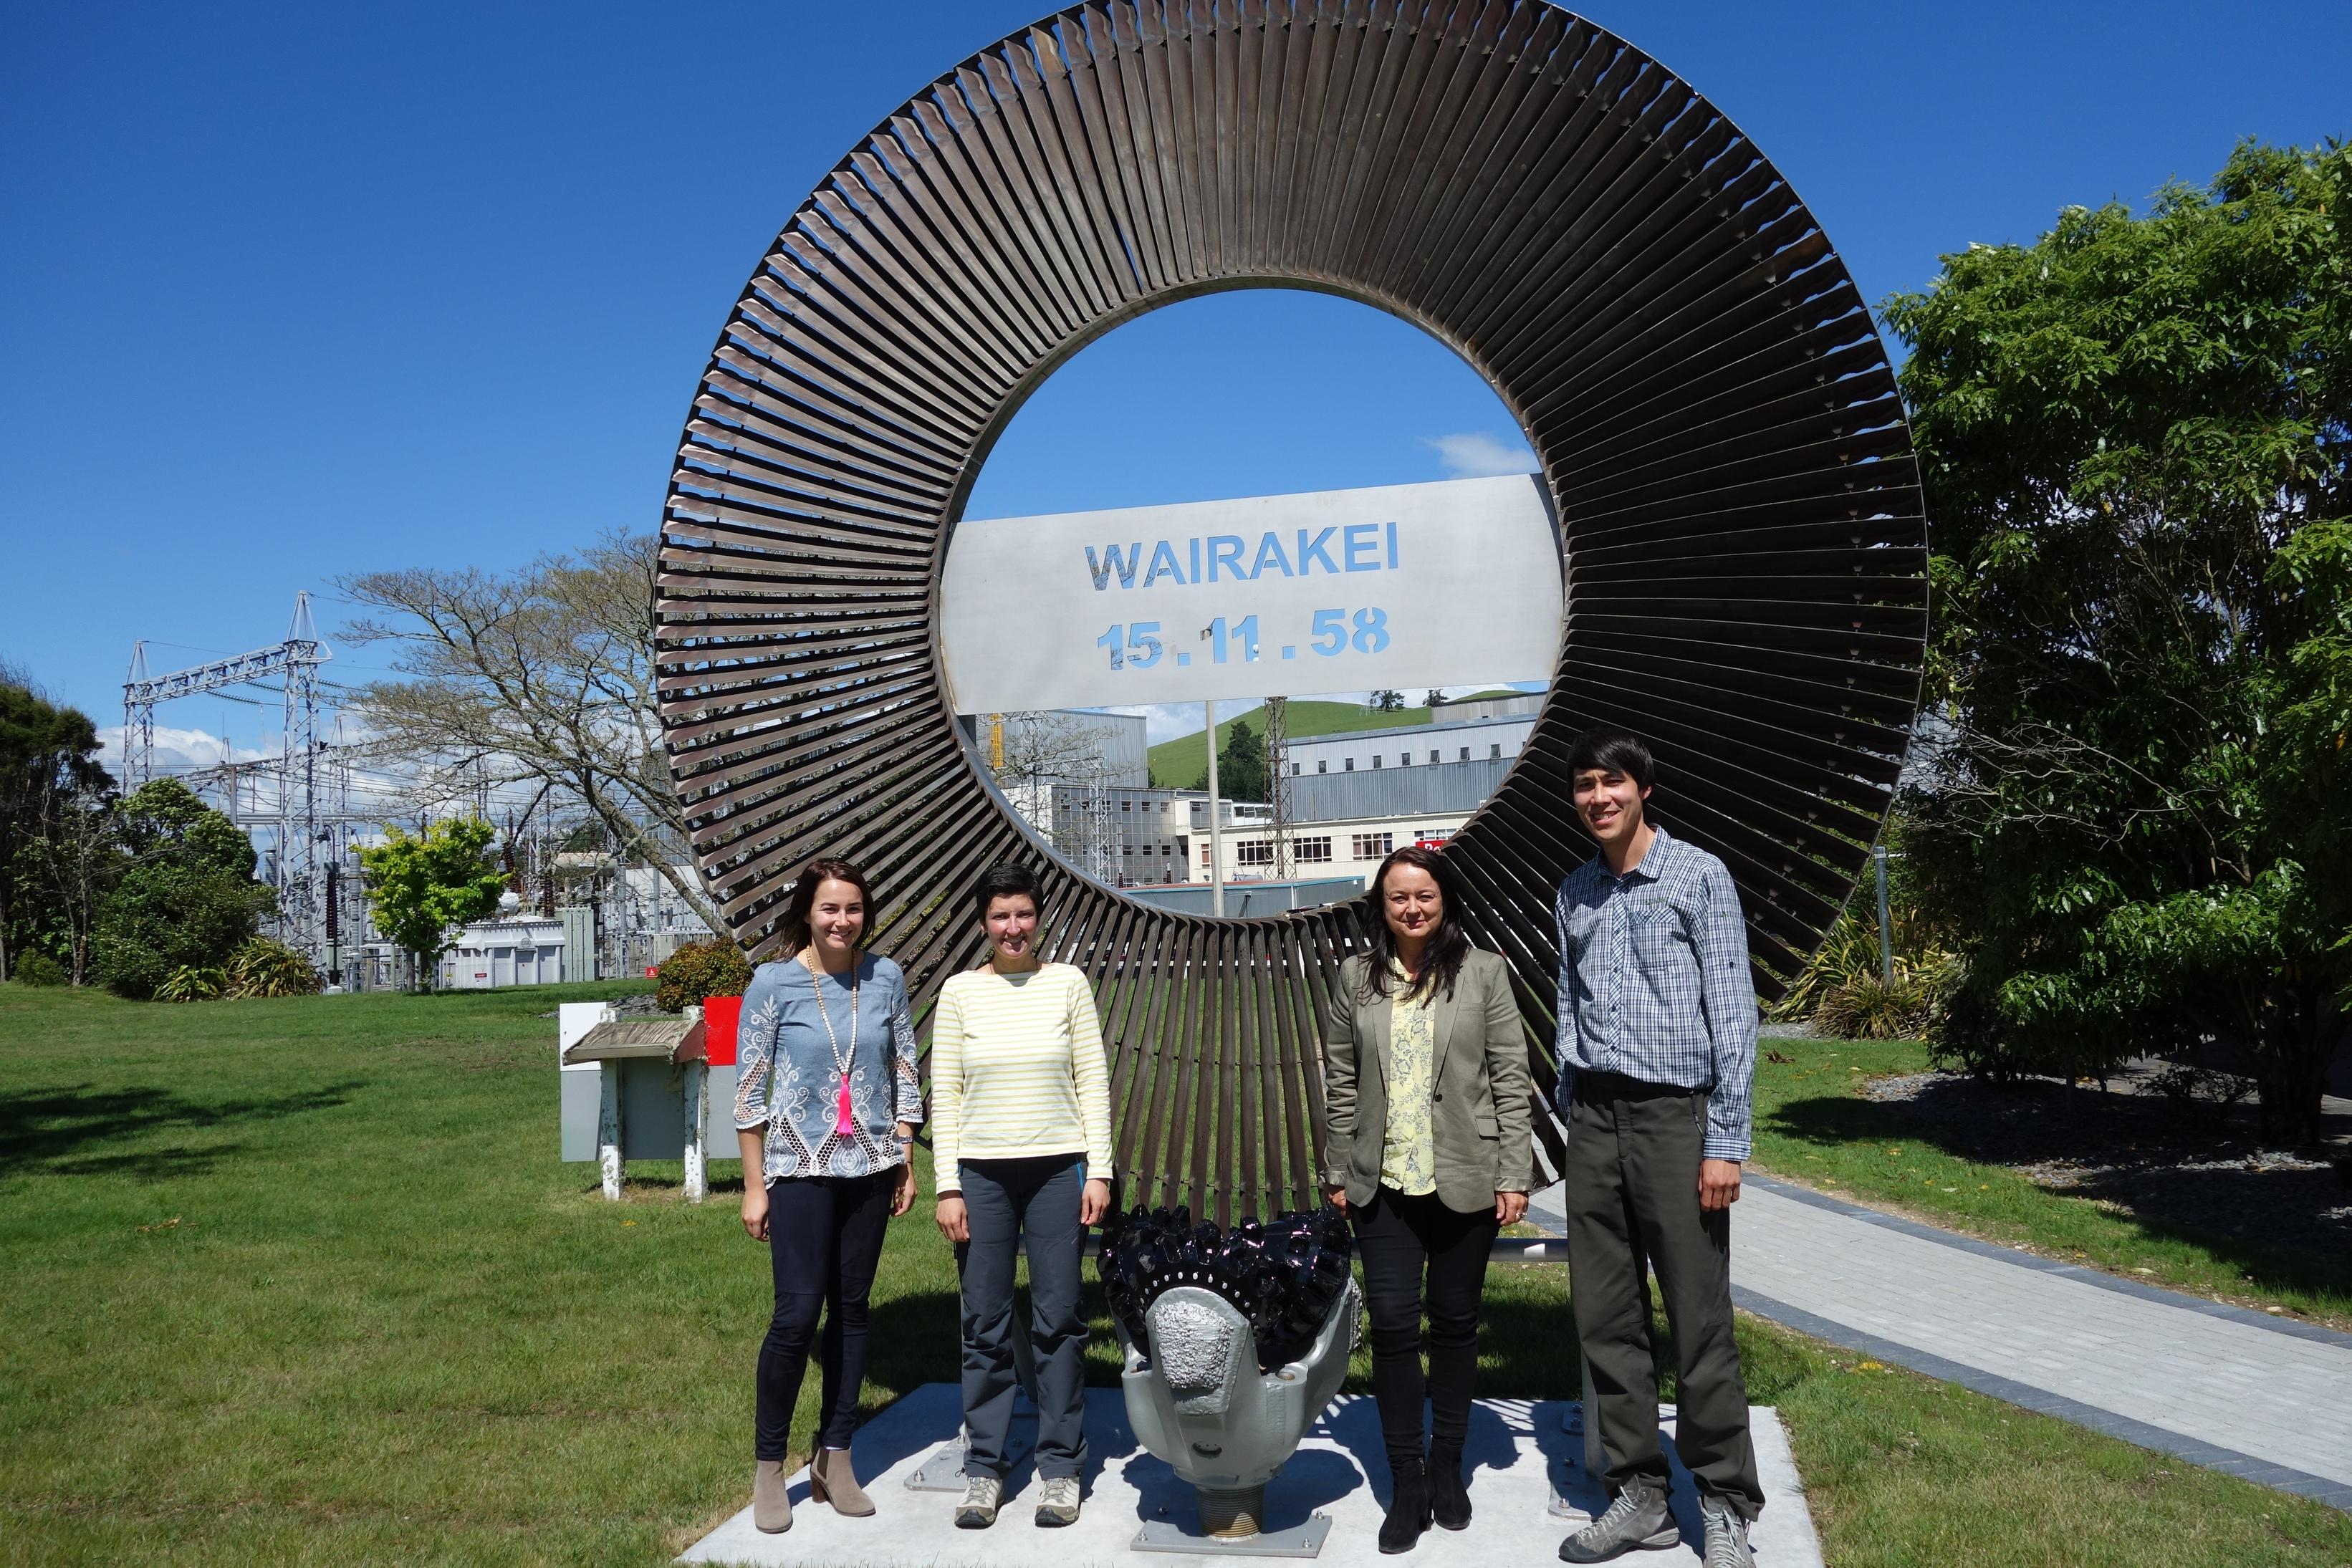 passage a wairakei en nouvelle zelande